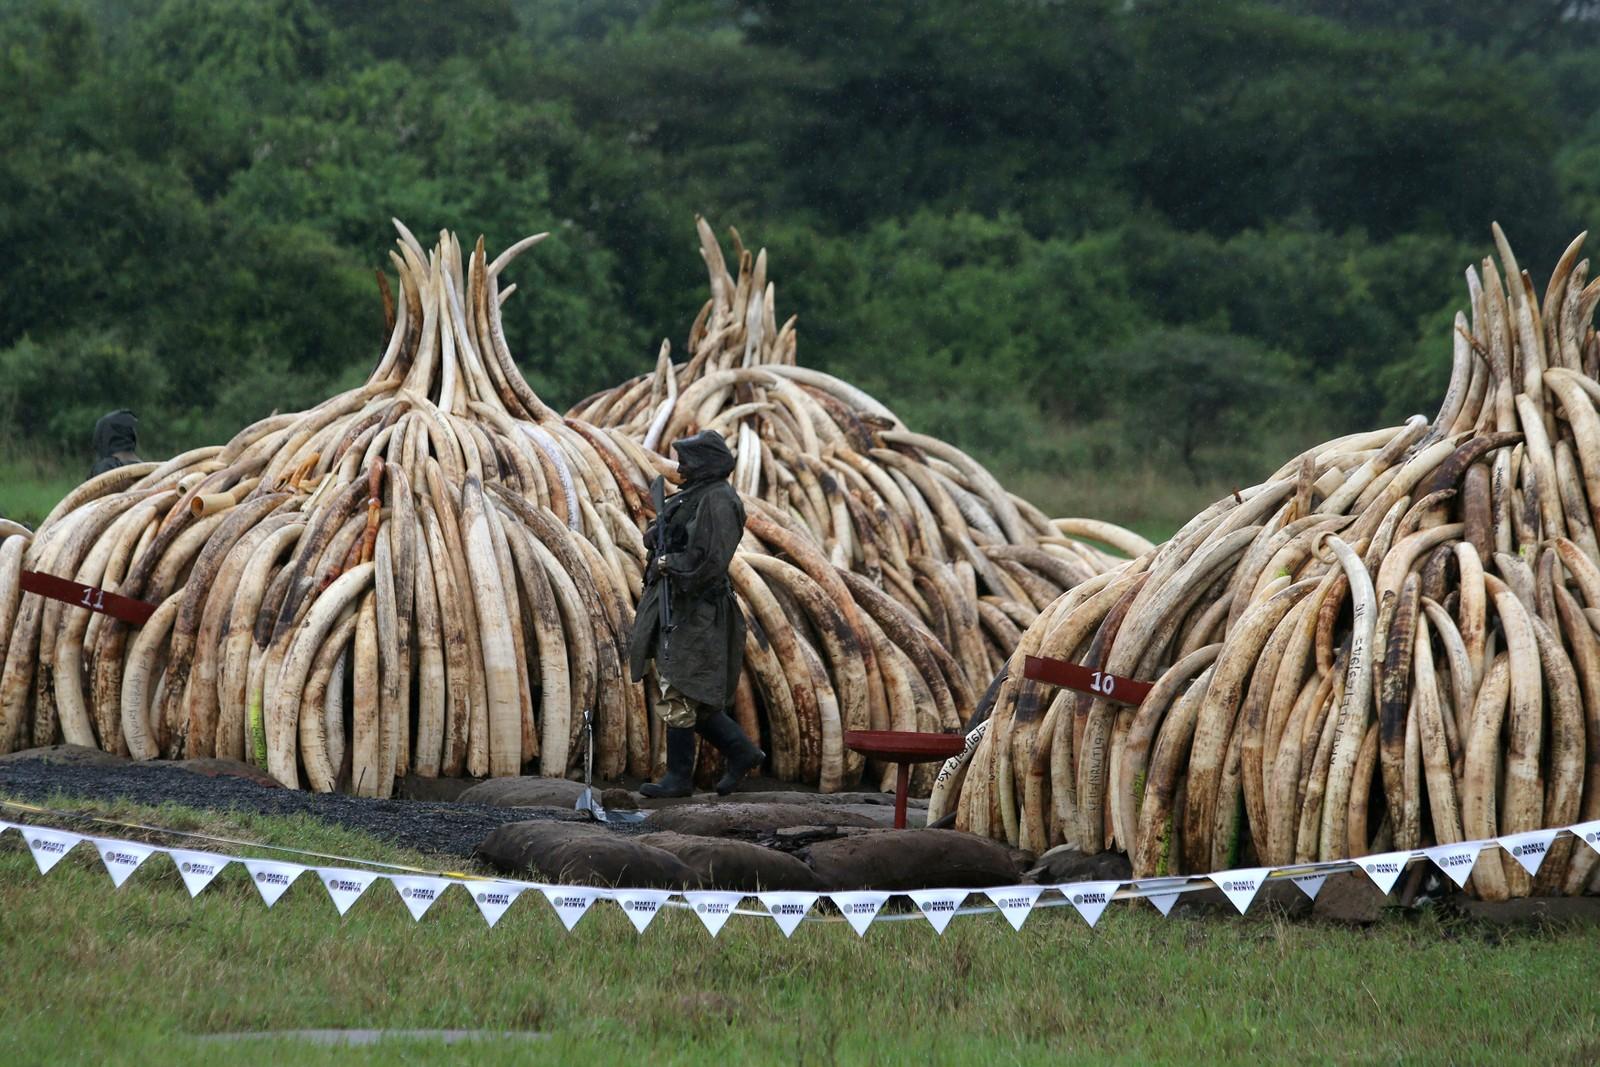 En bevæpnet vakt passer på hauger av elfenben fra elefanter og neshorn i Nairobi nasjonalpark i Kenya. Elfenbenet var beslaglagt fra krypskyttere og smuglere.